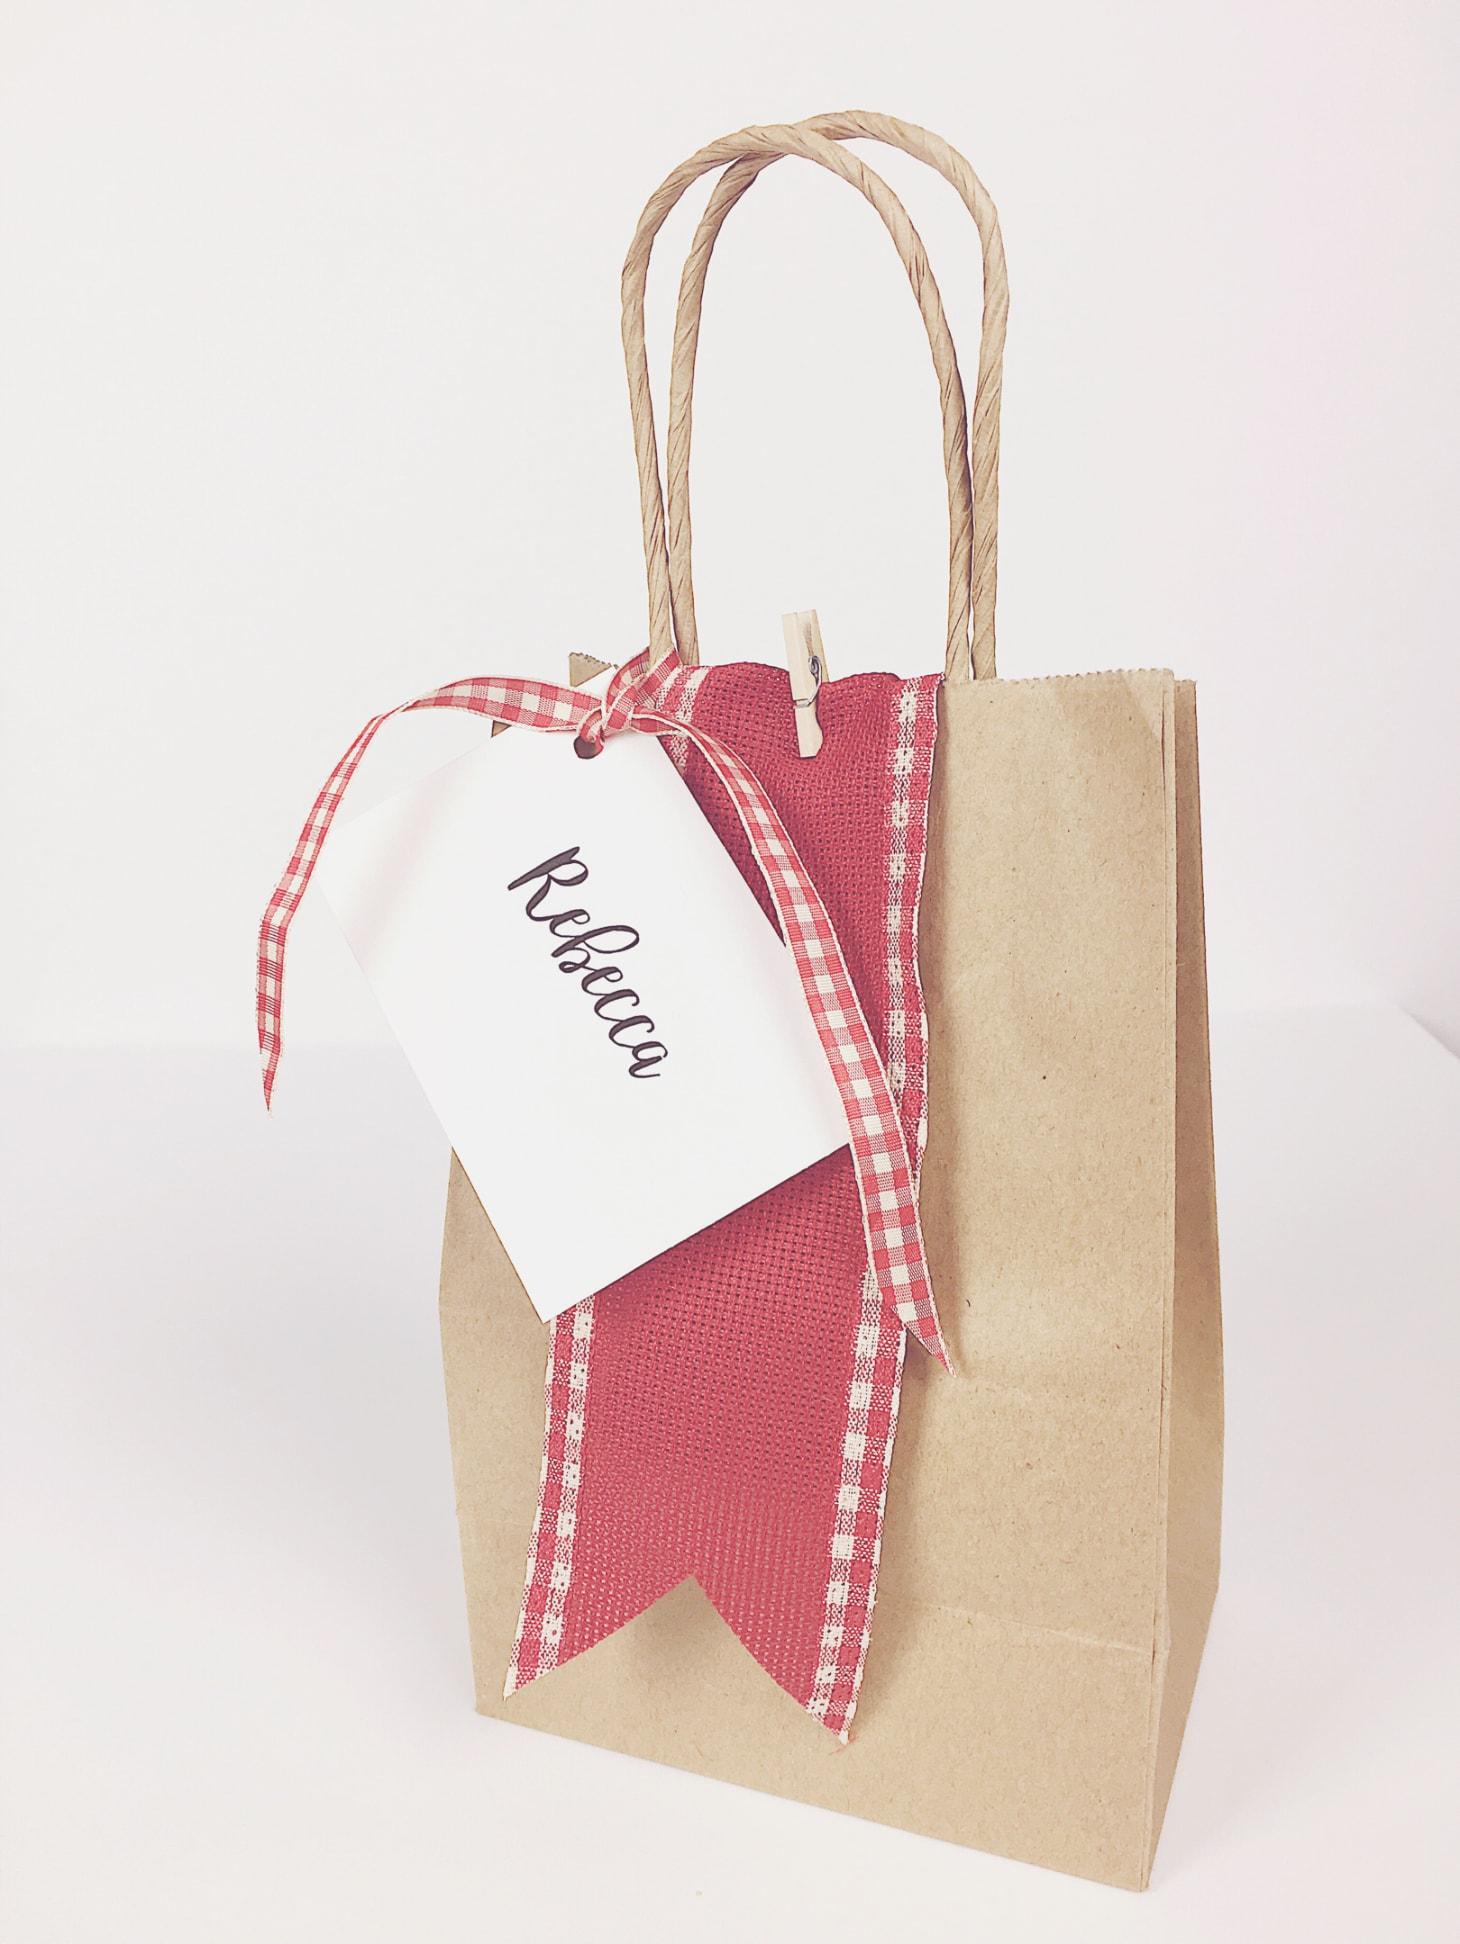 cocCocktail Gift Bagktail-gift-bag